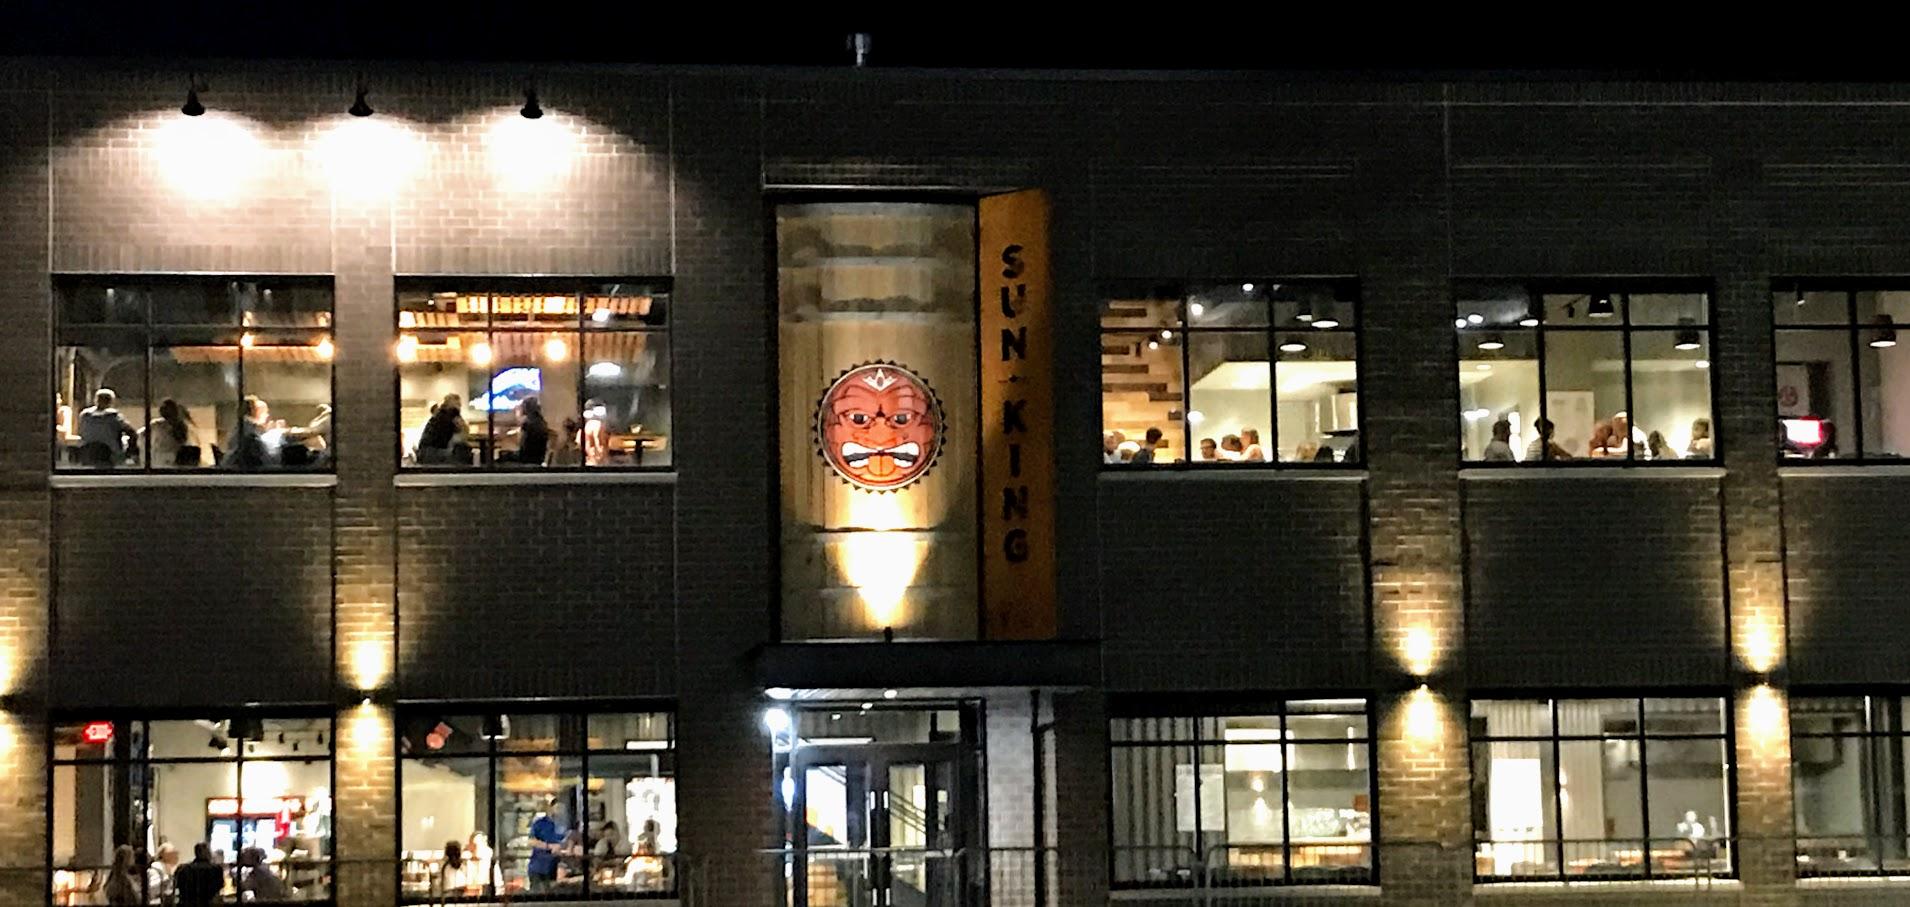 Sun King - local brewery in Carmel, IN